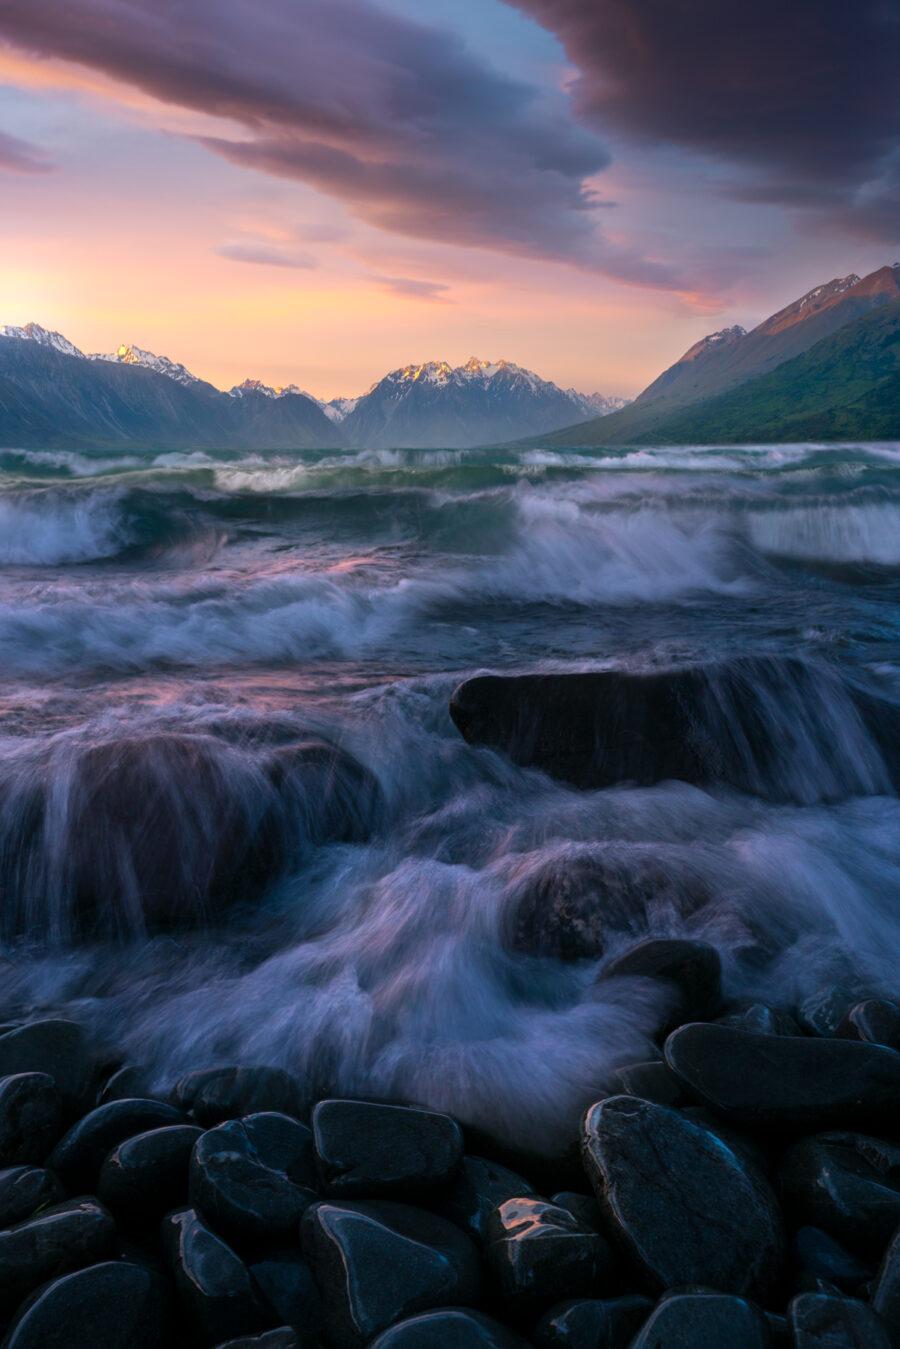 Waves at sunset, Lake Ohau New Zealand.